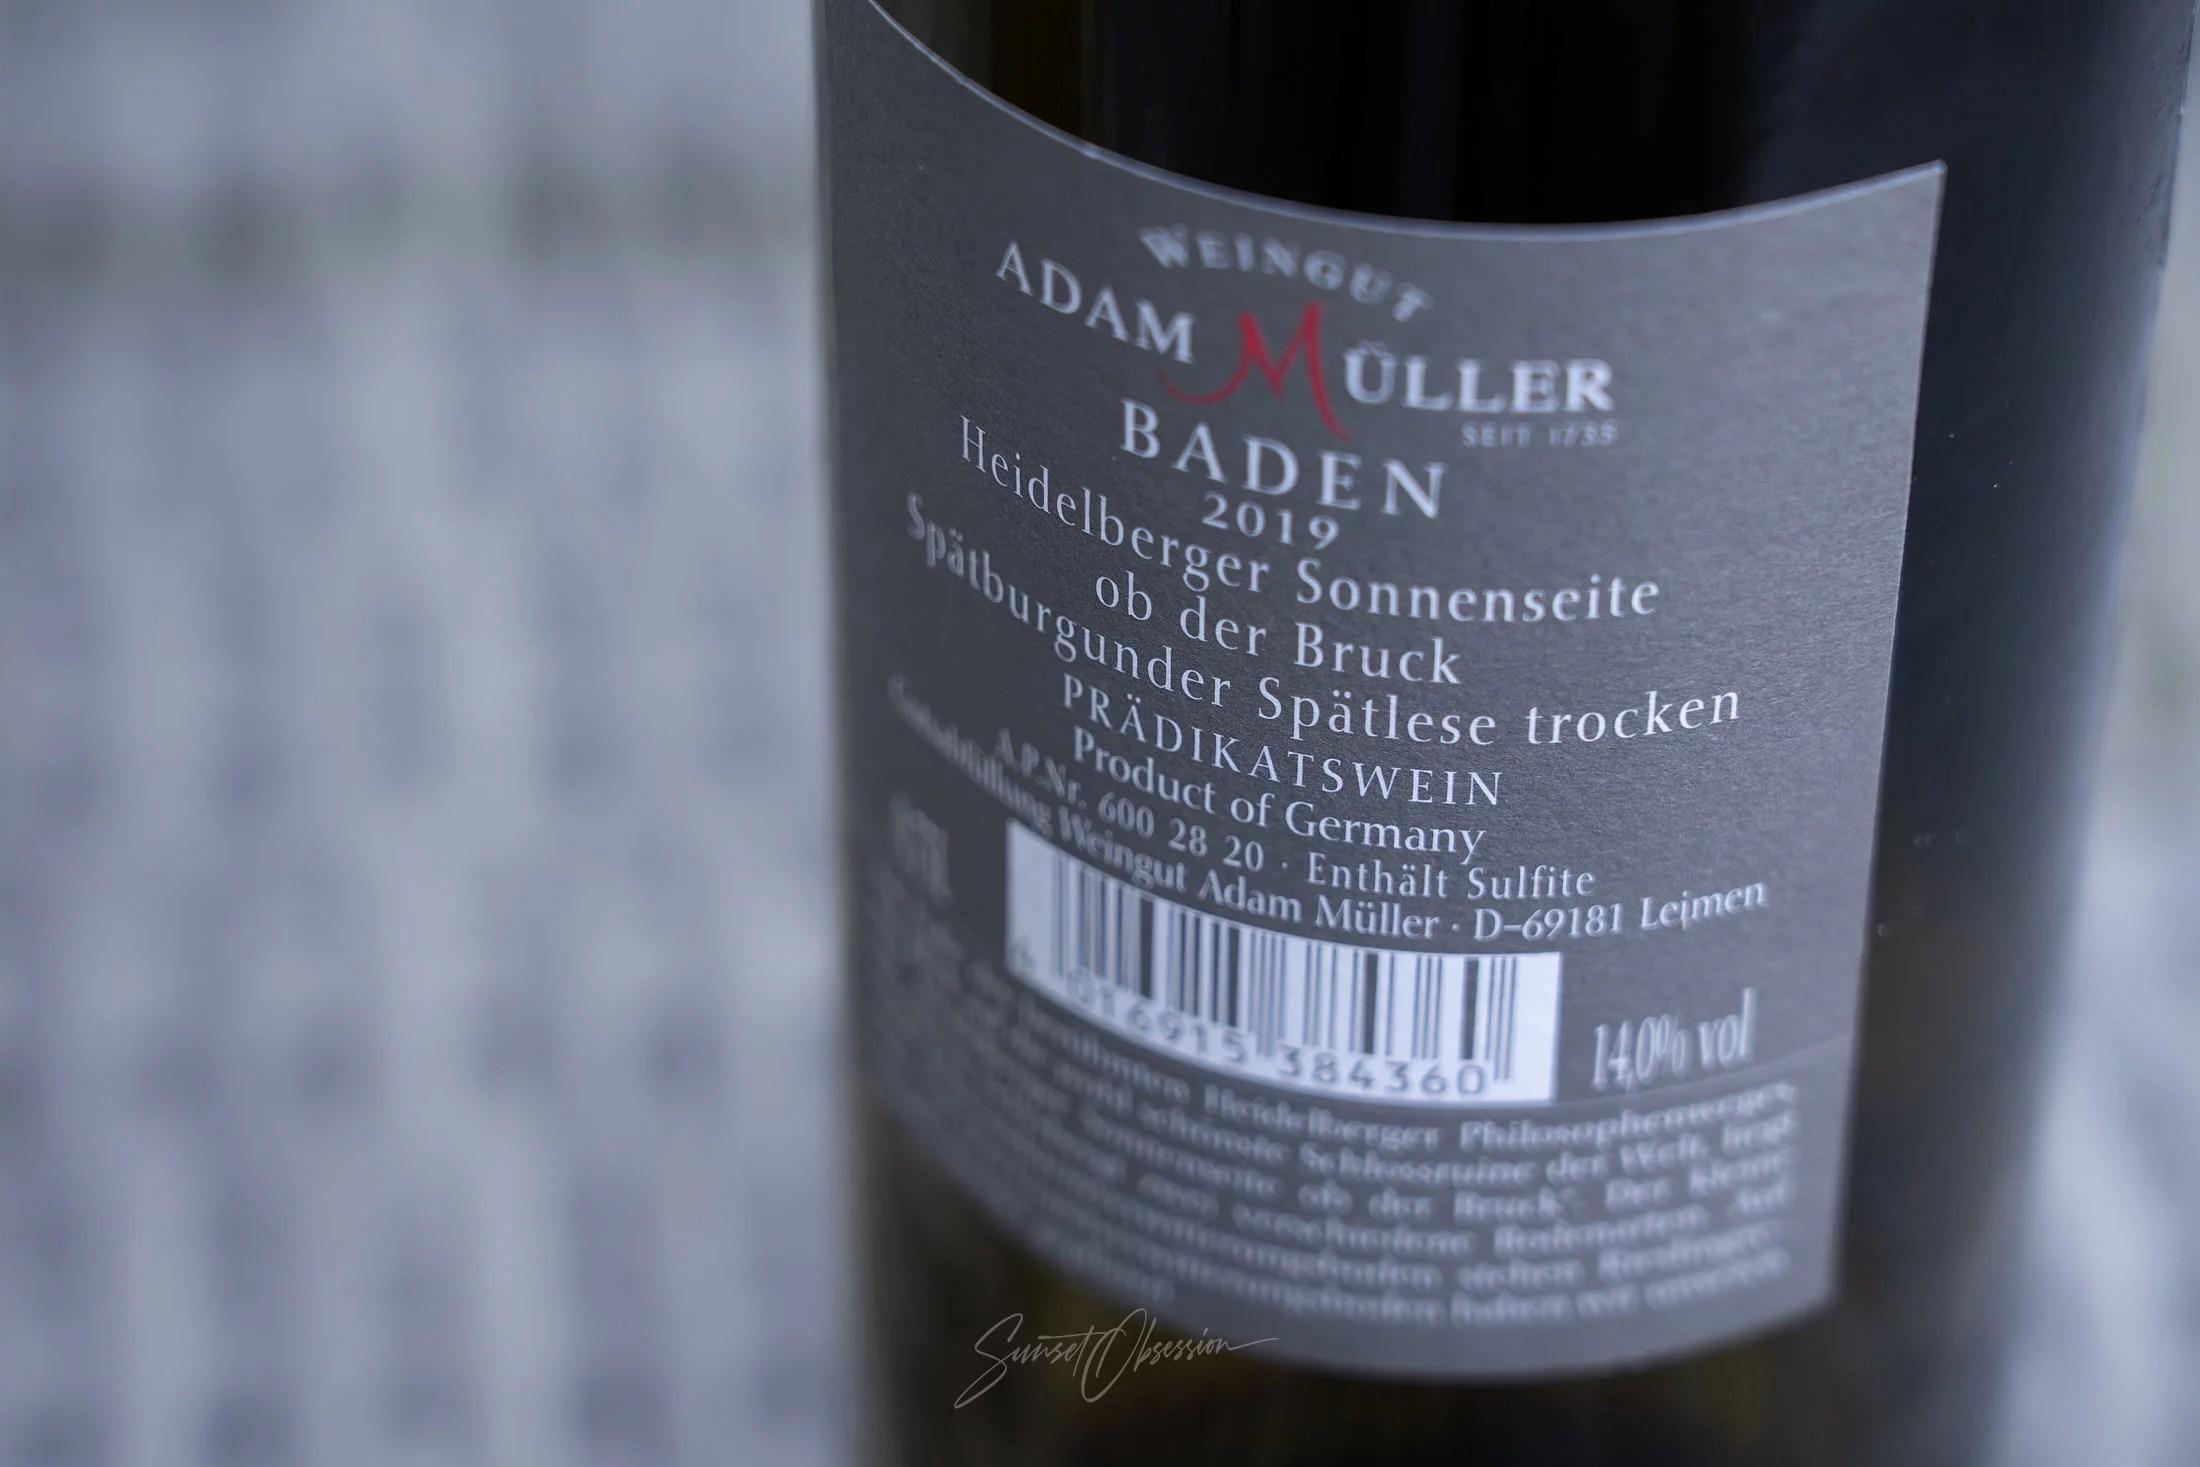 Немецкое вино предикат Spätlese (поздний сбор) из Гейдельберга